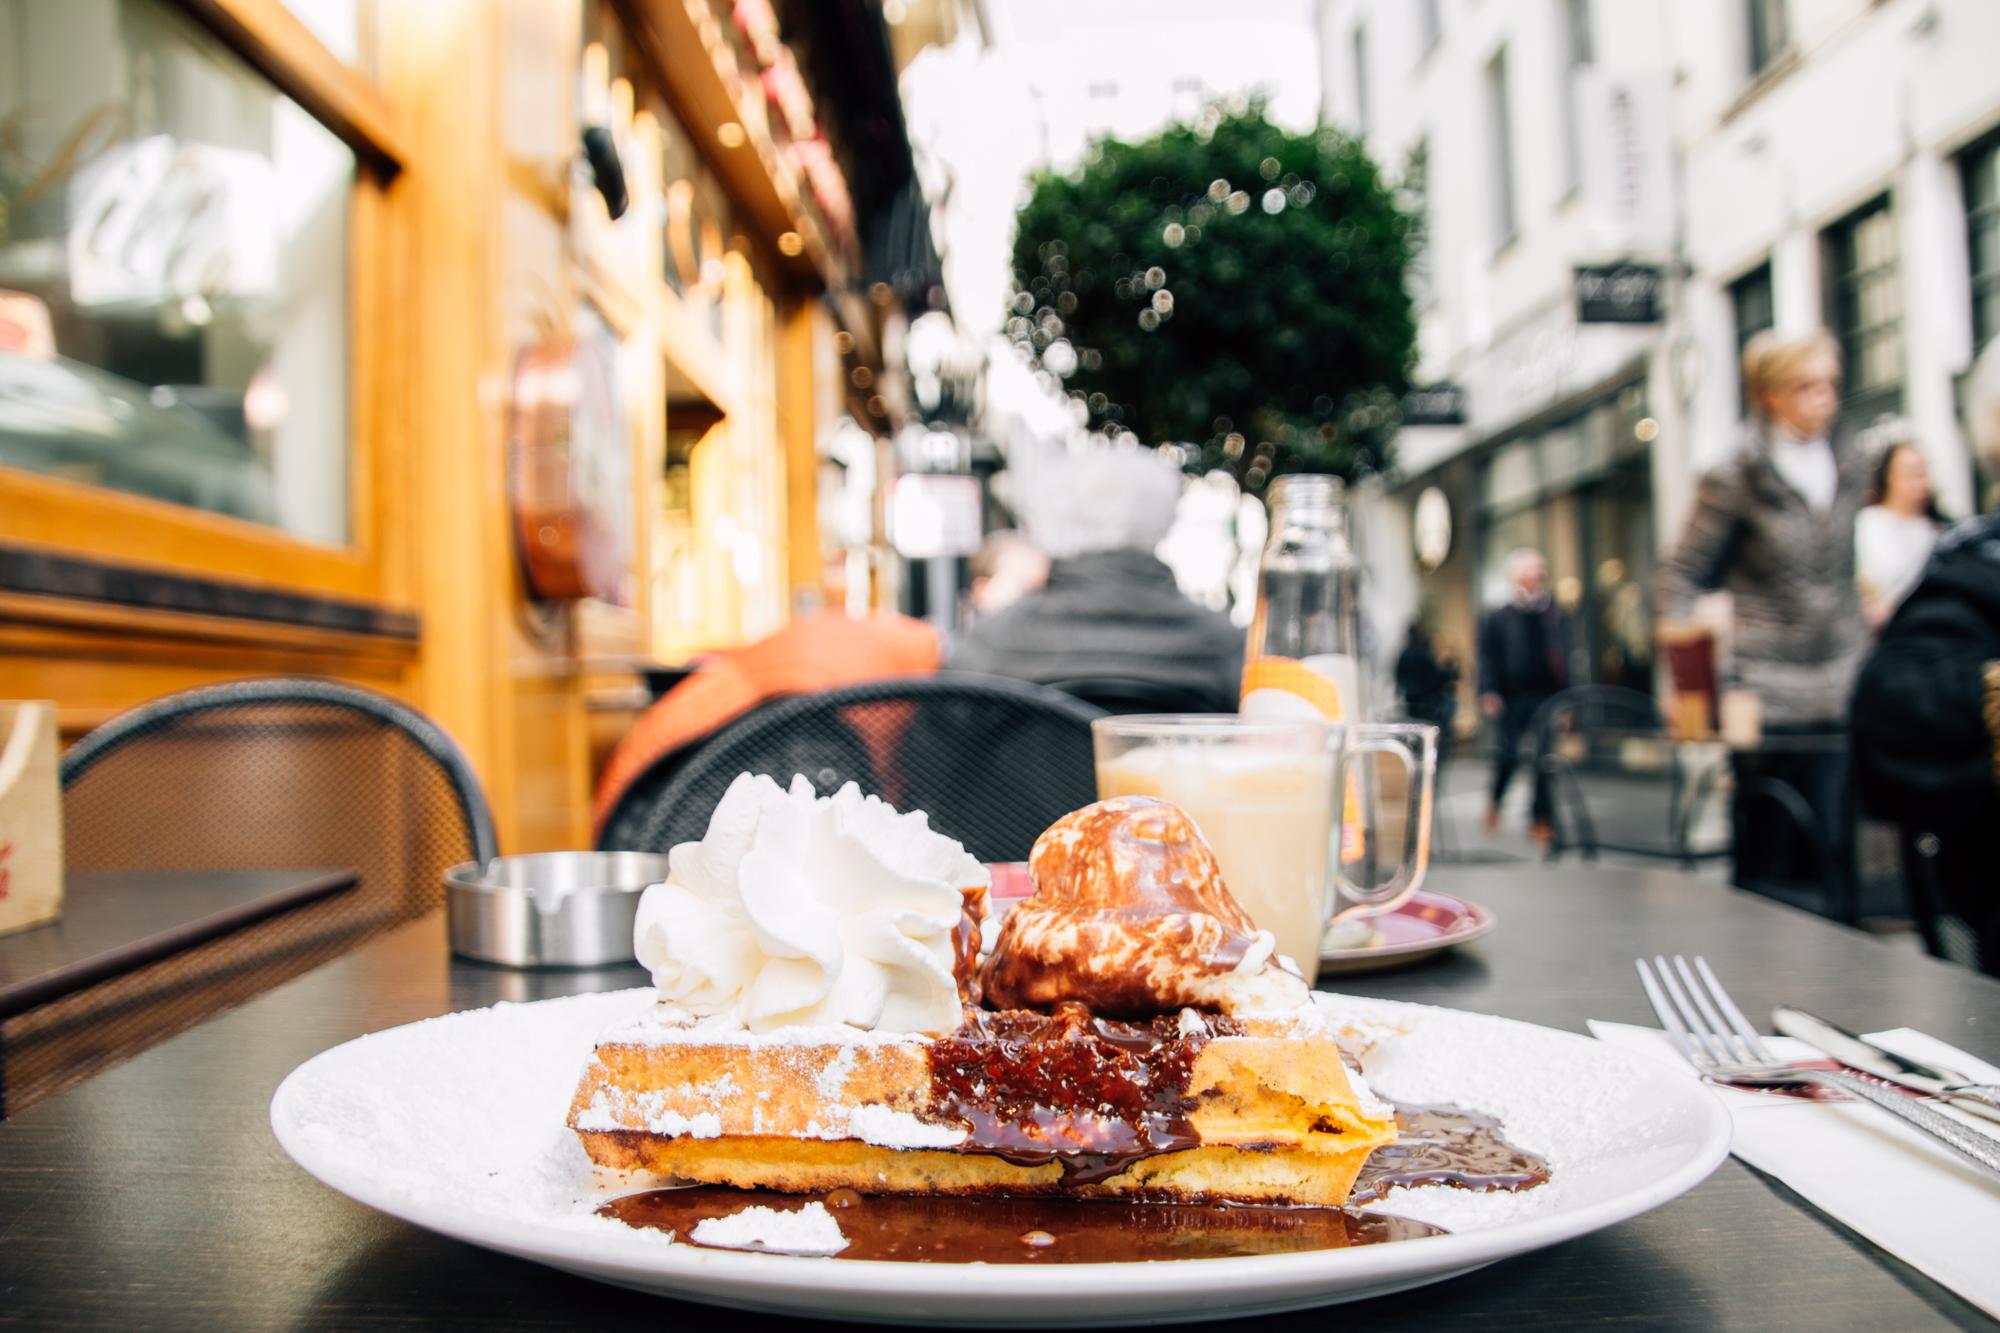 Belgium waffle, Antwerp, Belgium